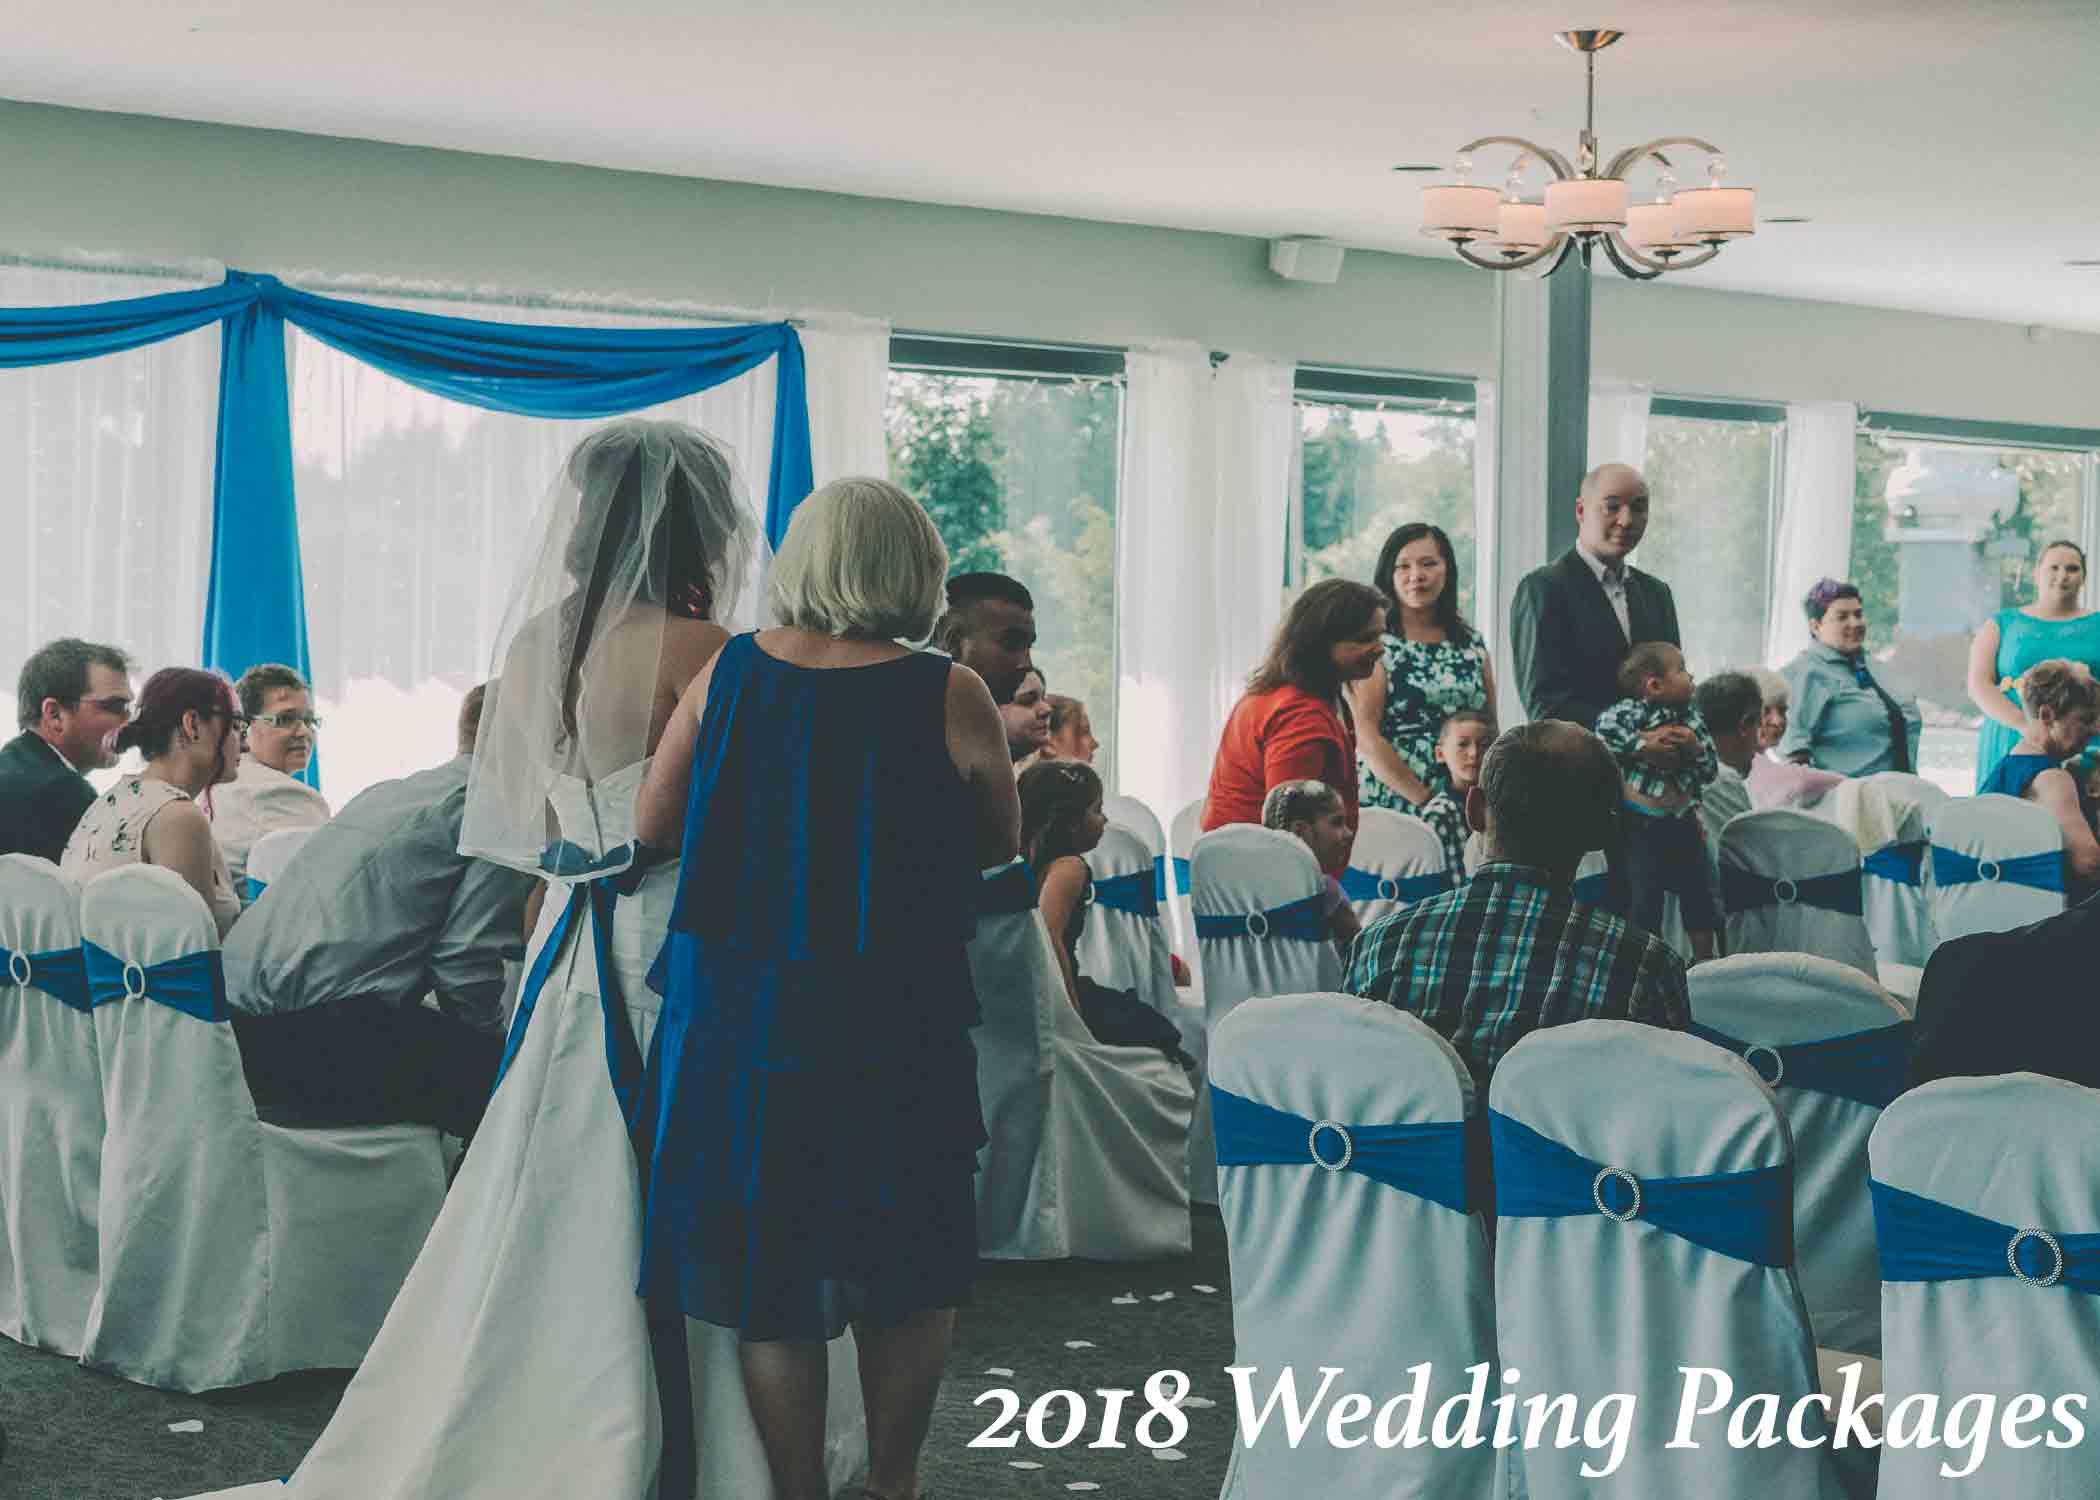 Surrey banquet venue wedding